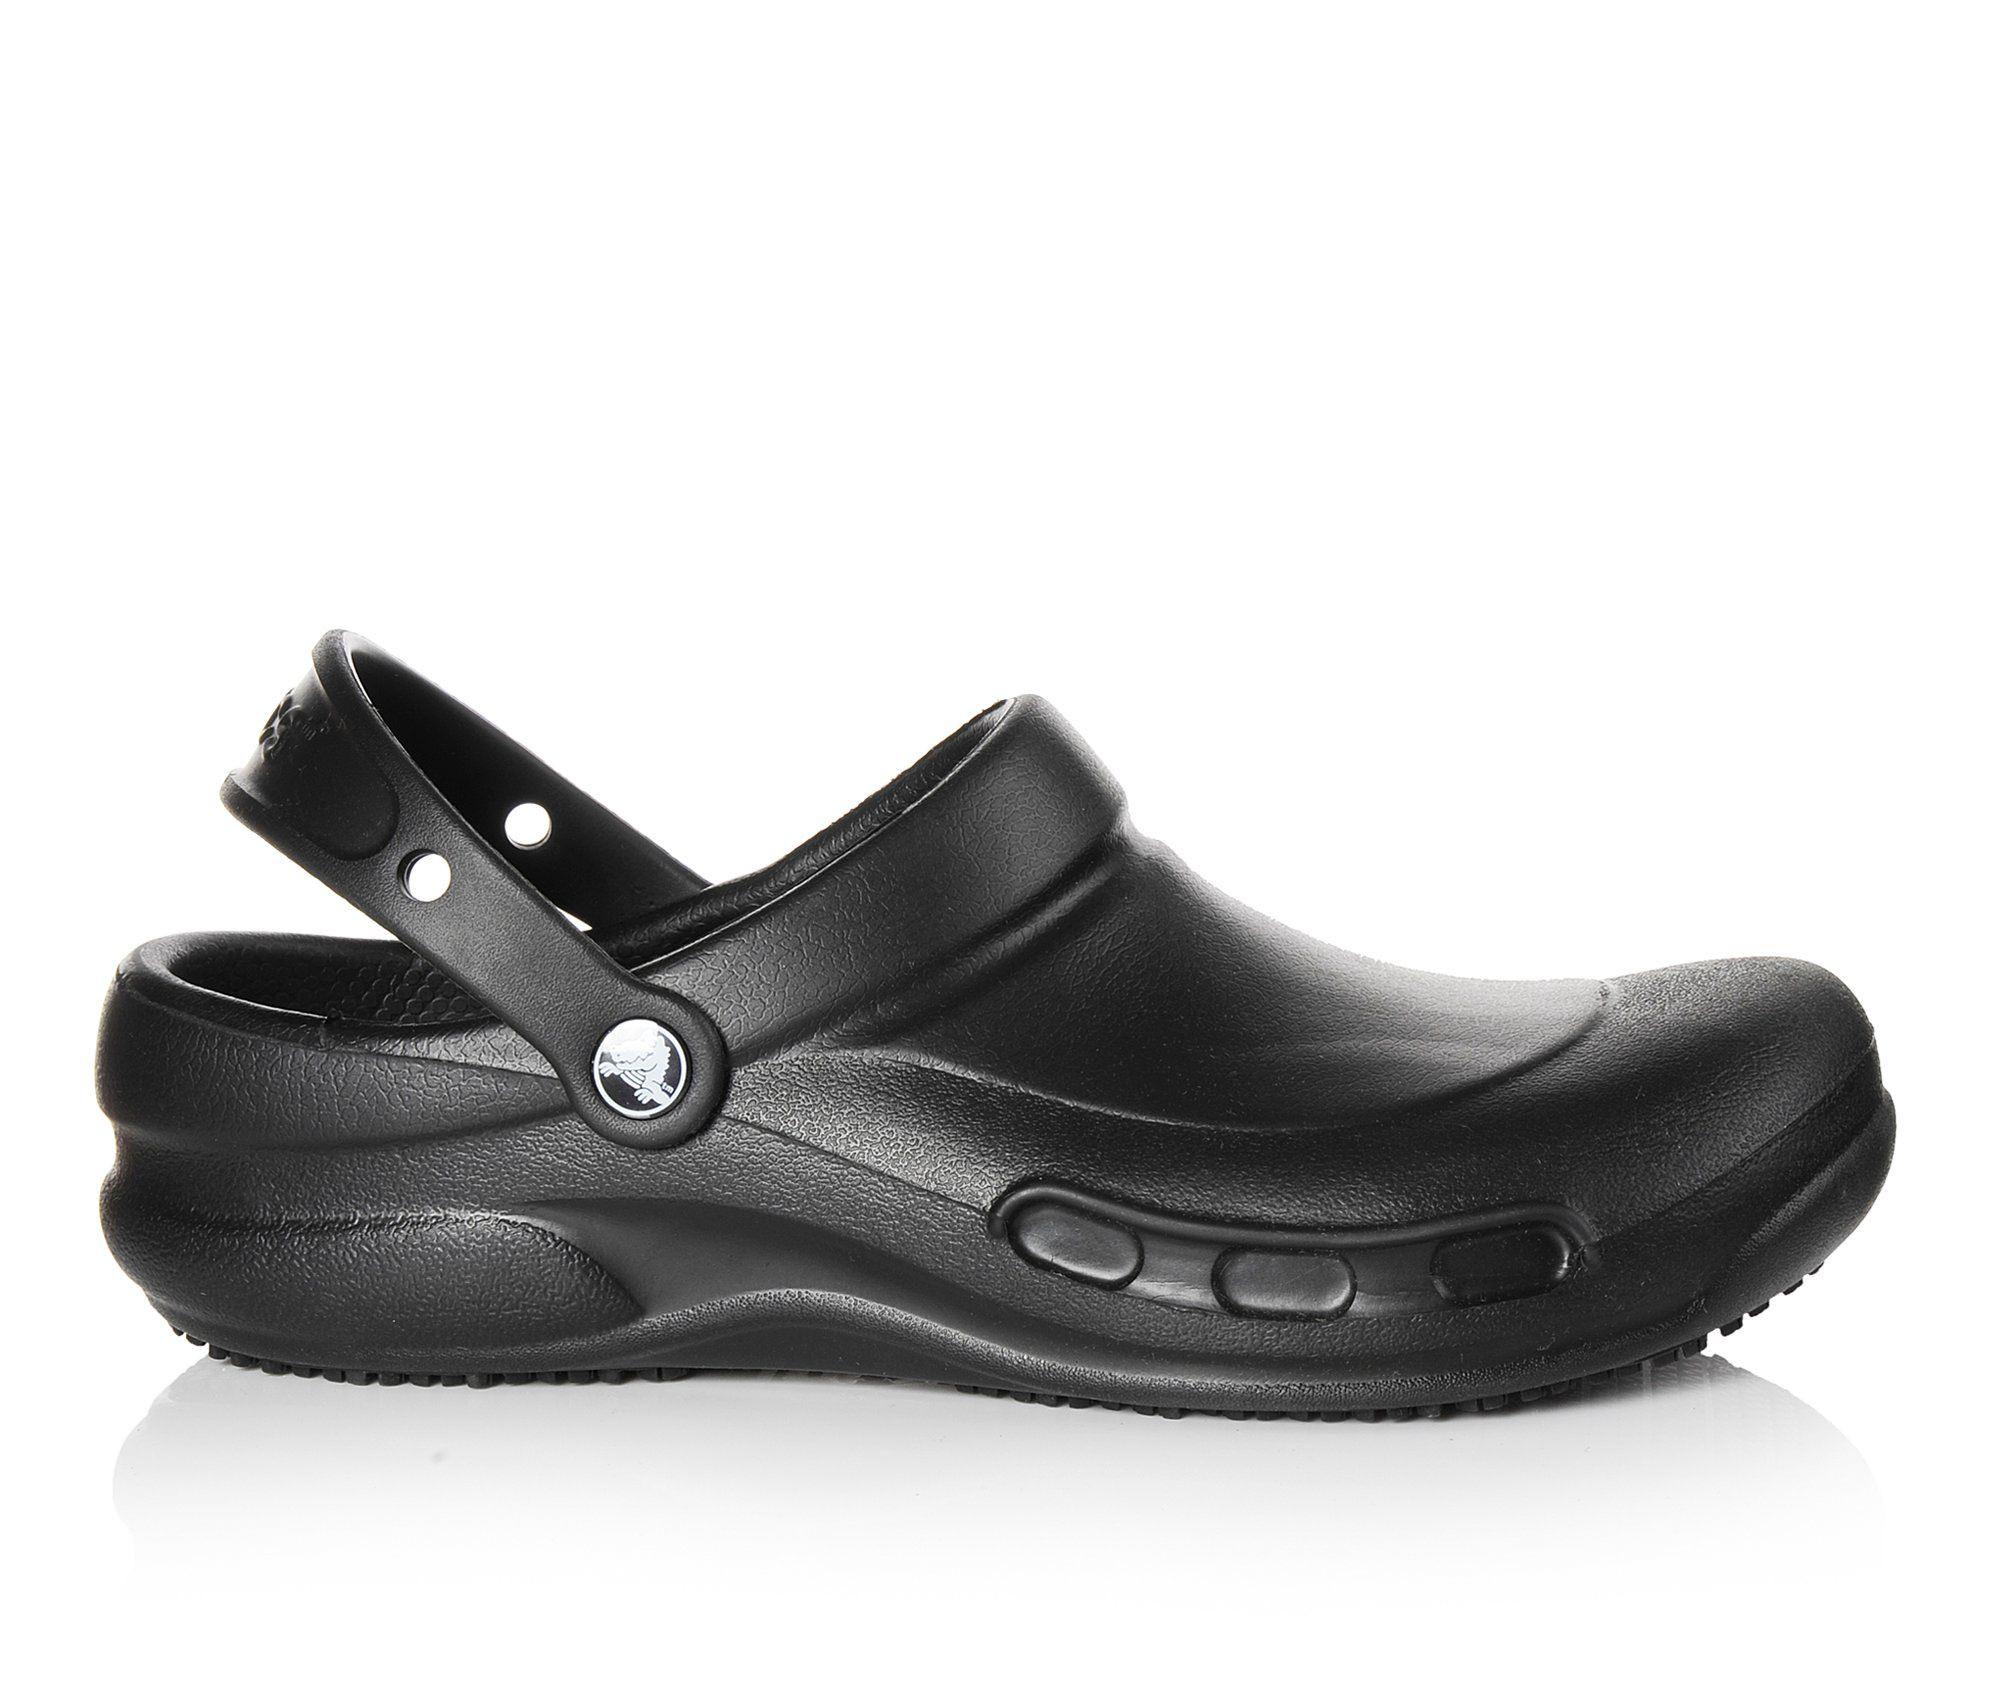 Crocs Work Bistro Slip Resistant Men's Boots (Black Faux Leather)